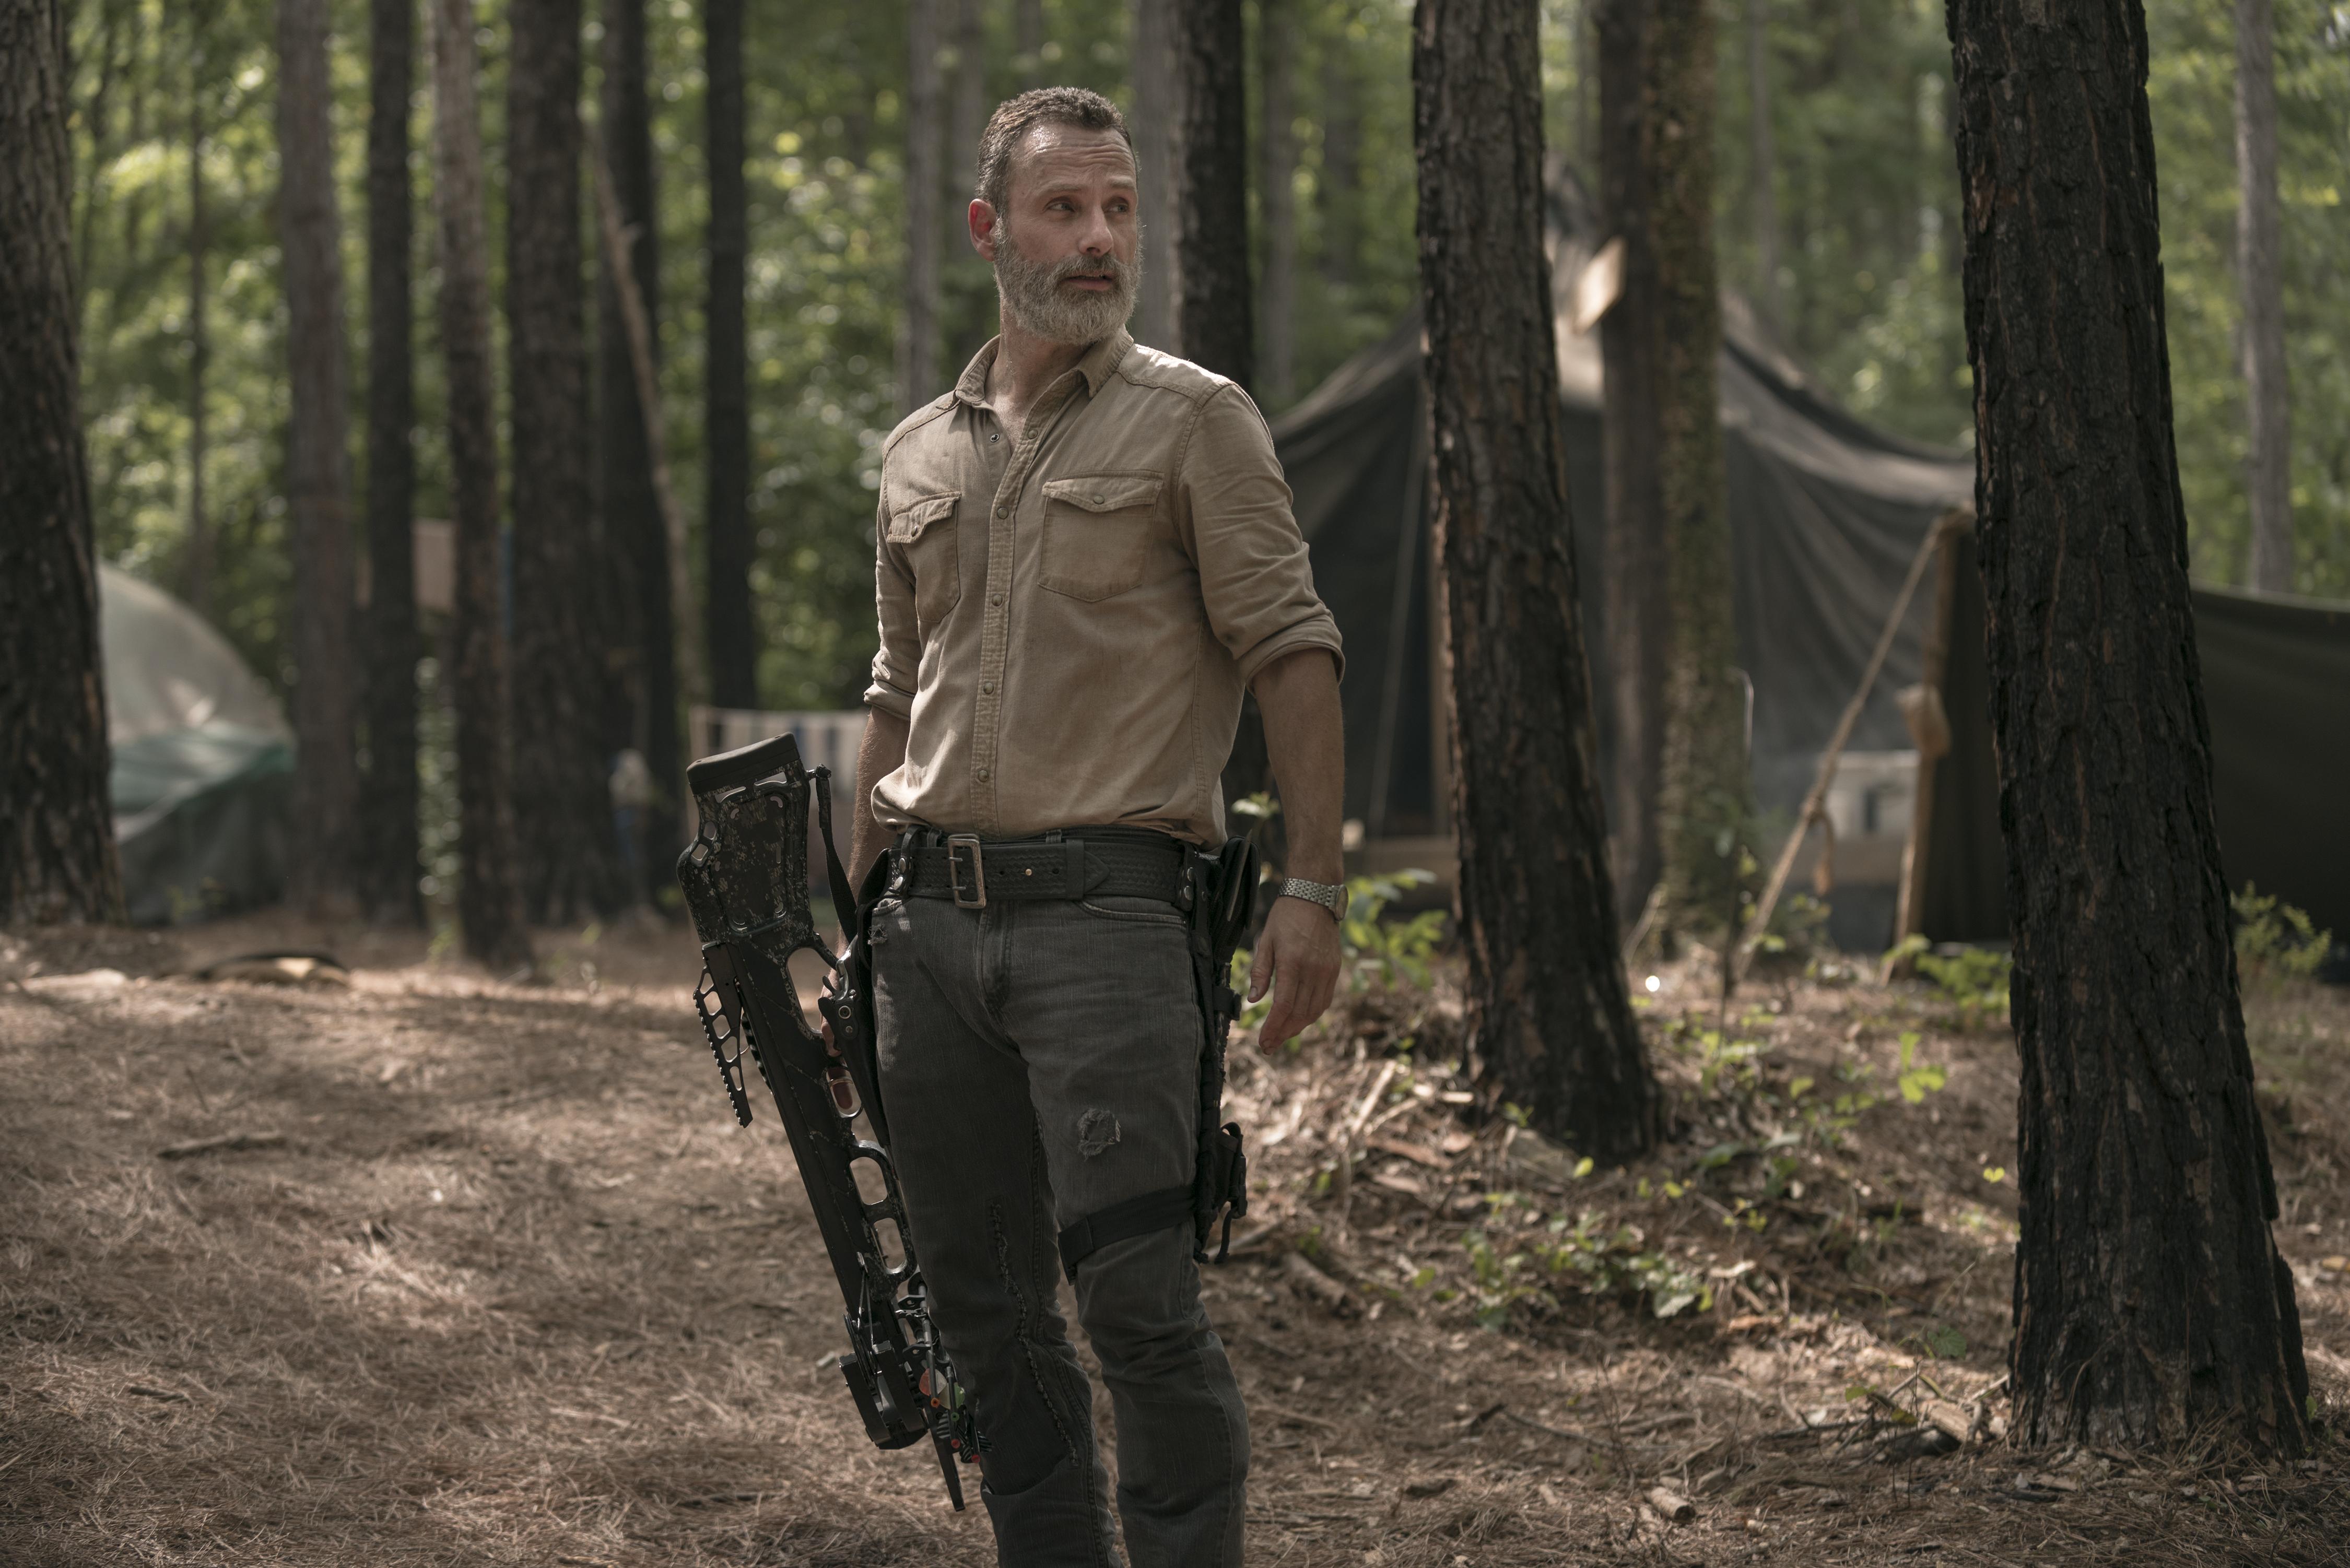 Rick Grimes (Andrew Lincoln) fait enquête sur les disparitions des Sauveurs - The Walking Dead - Saison 9, Épisode 3 - Crédit Photo: Gene Page/AMC